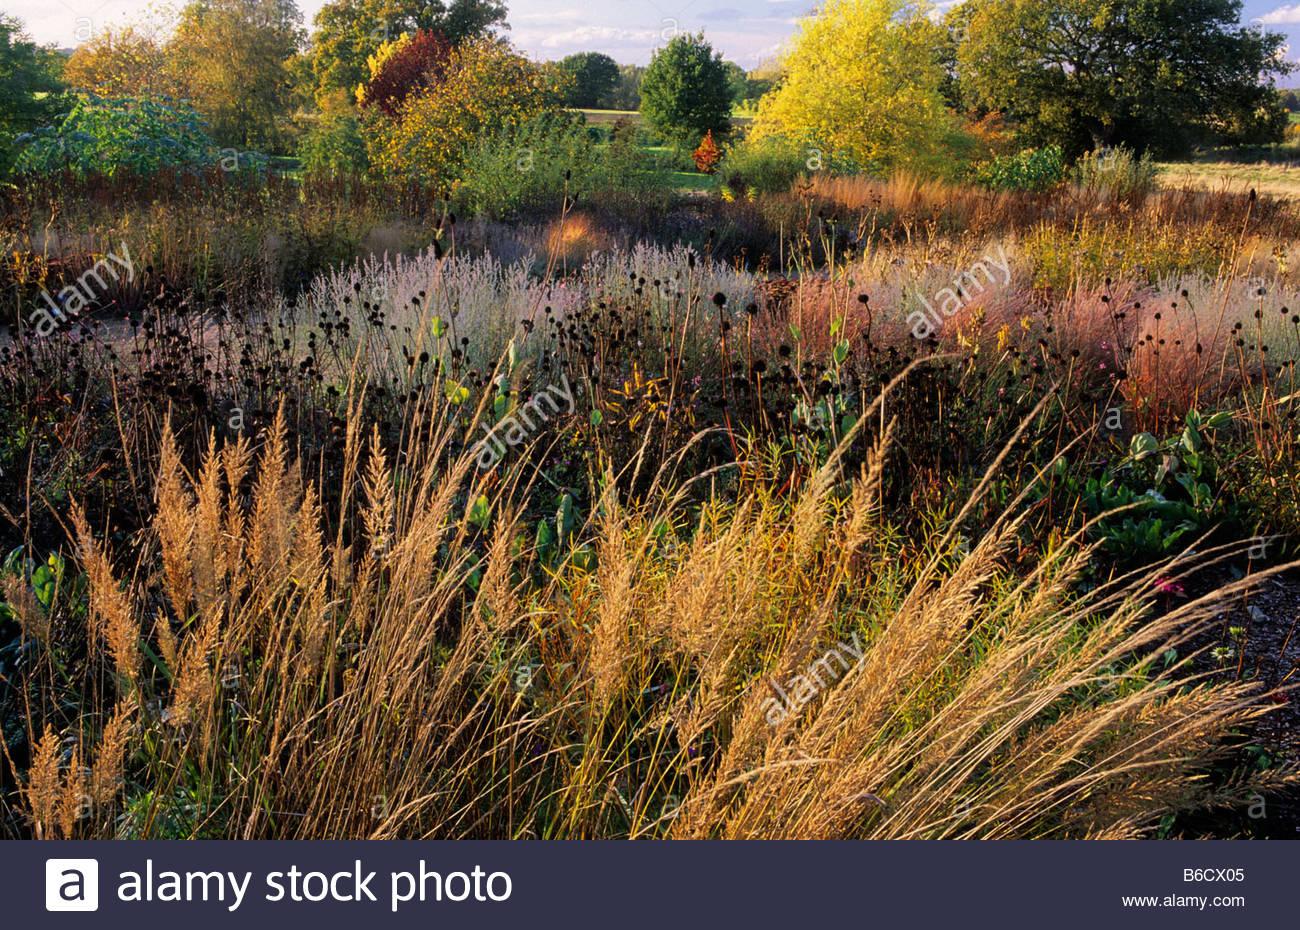 Rhs Wisley Surrey Design Piet Oudolf Prairie Planting